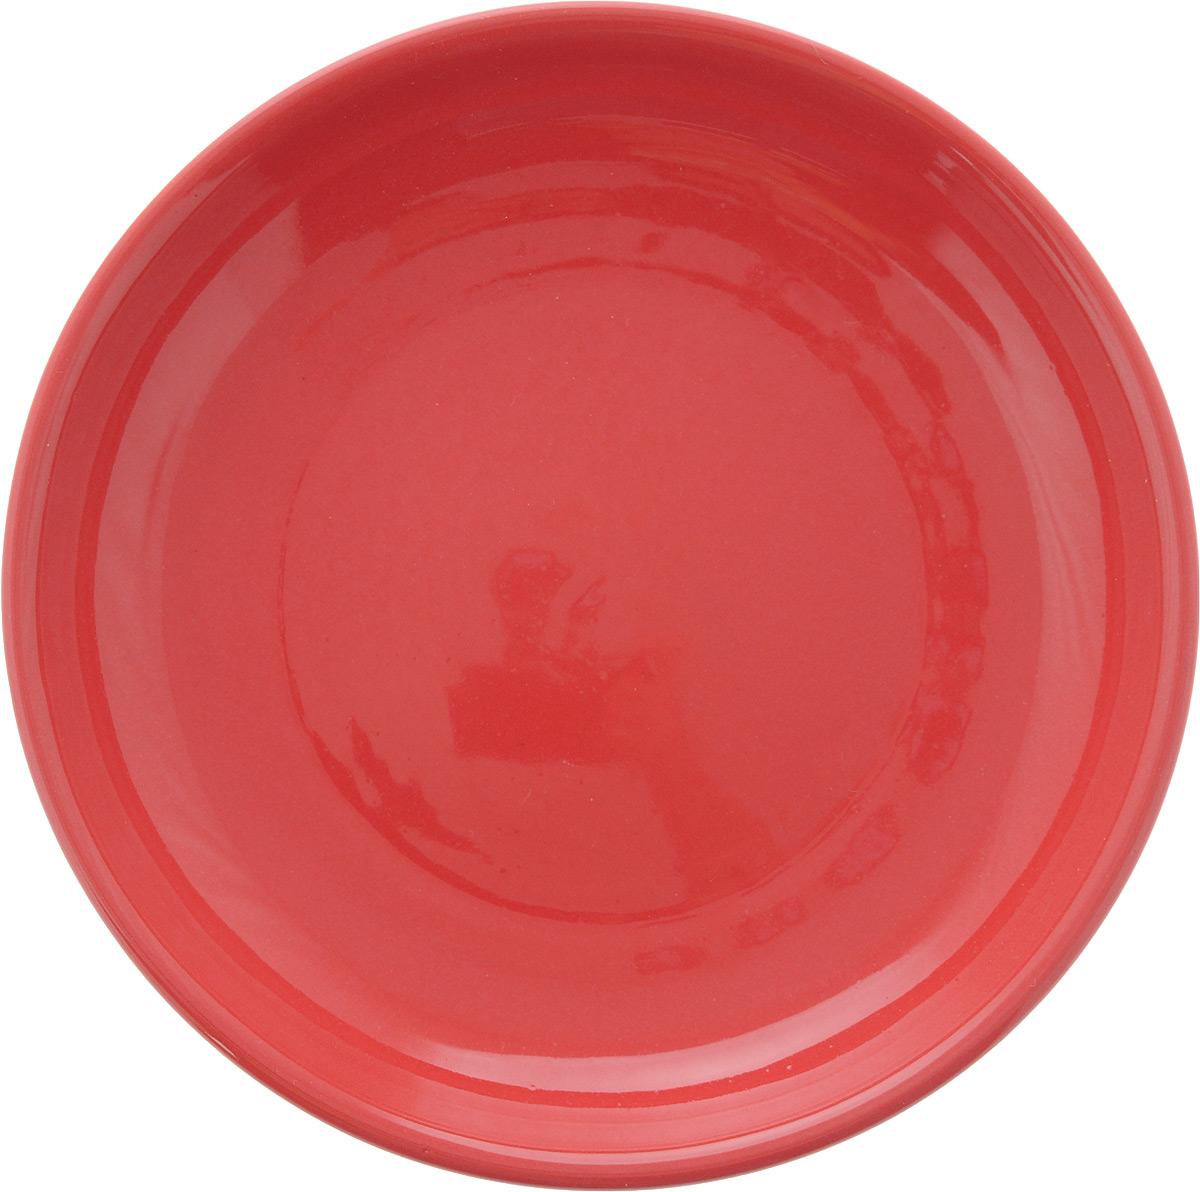 Тарелка Борисовская керамика Радуга, цвет: красный, диаметр 18 смVT-1520(SR)Тарелка Борисовская керамика Радуга изготовлена из керамики. Изделие идеально подойдет для сервировки стола. Тарелка отлично впишется в любой интерьер современной кухни и станет отличным подарком для вас и ваших близких.Можно использовать в духовке и микроволновой печи.Диаметр тарелки: 18 см.Высота тарелки: 3 см.